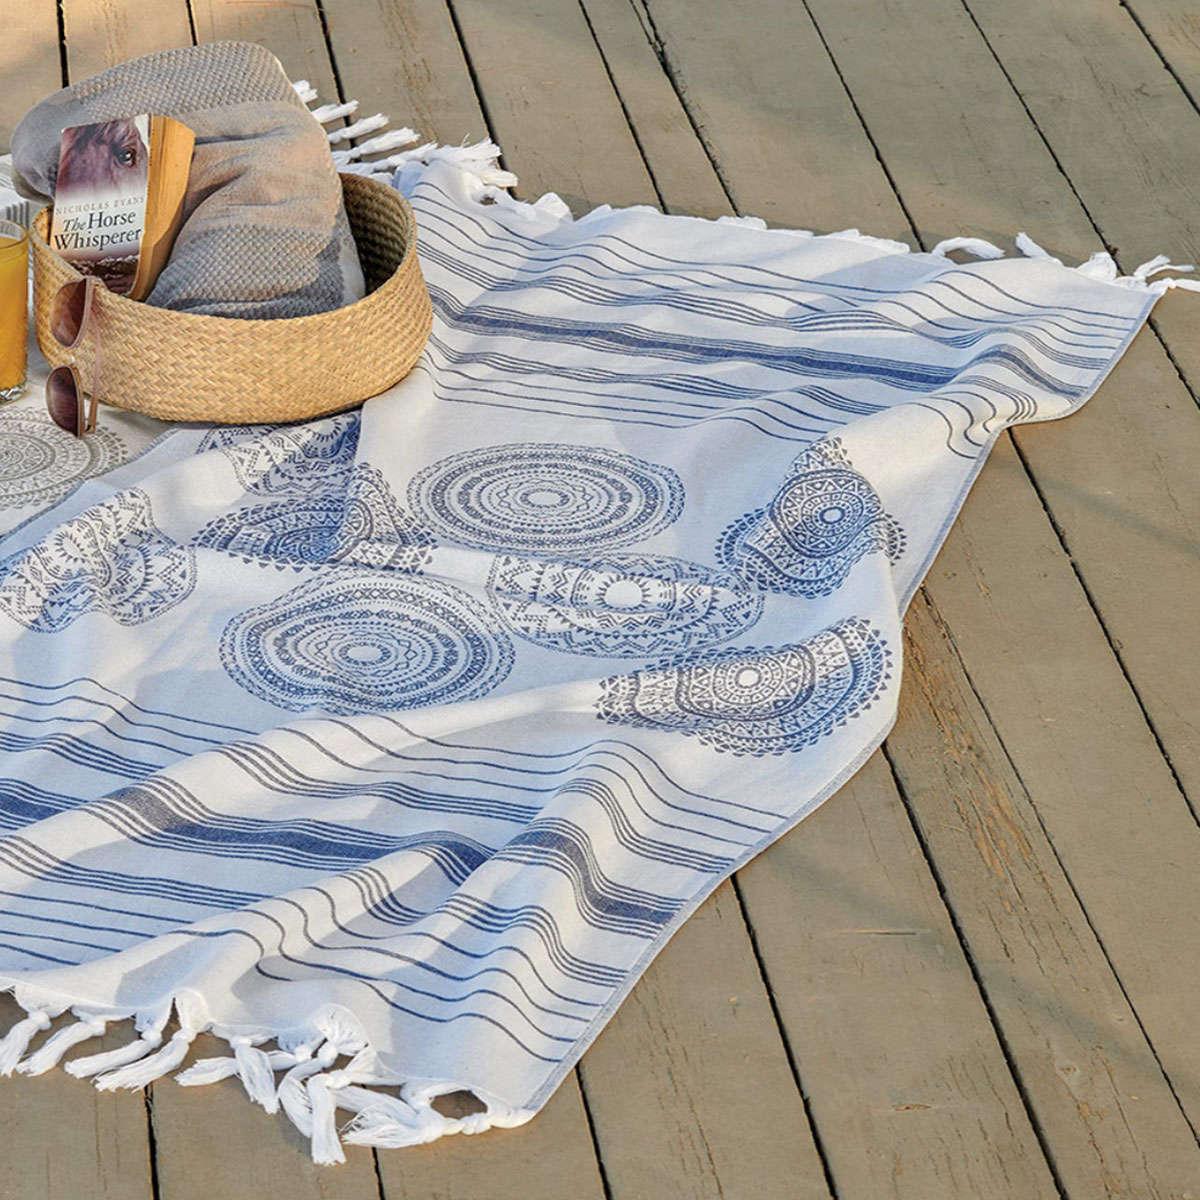 Πετσέτα Θαλάσσης – Παρεό Syros 01 Blue Kentia Θαλάσσης 90x180cm